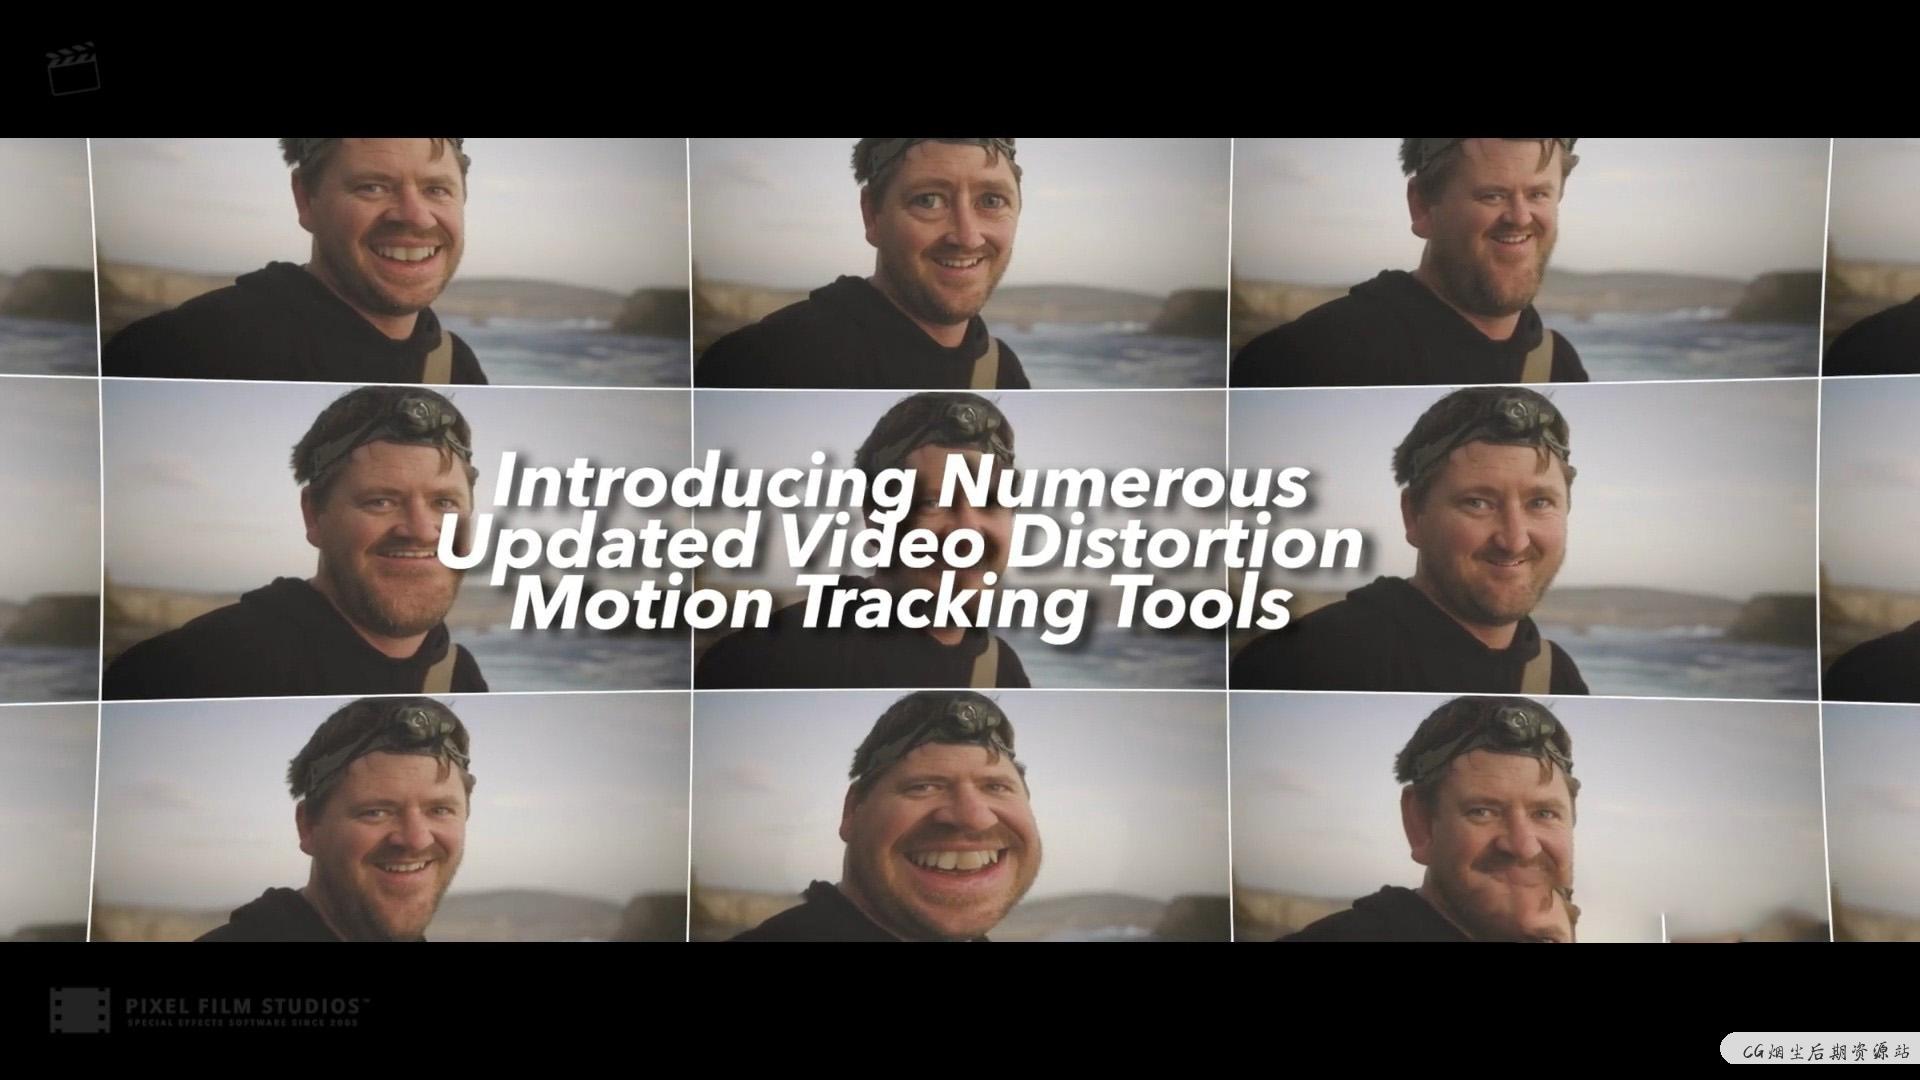 fcpx插件 脸部局部扭曲液化变形自动跟踪工具 Distortion Tracker 2-CG烟尘后期资源站